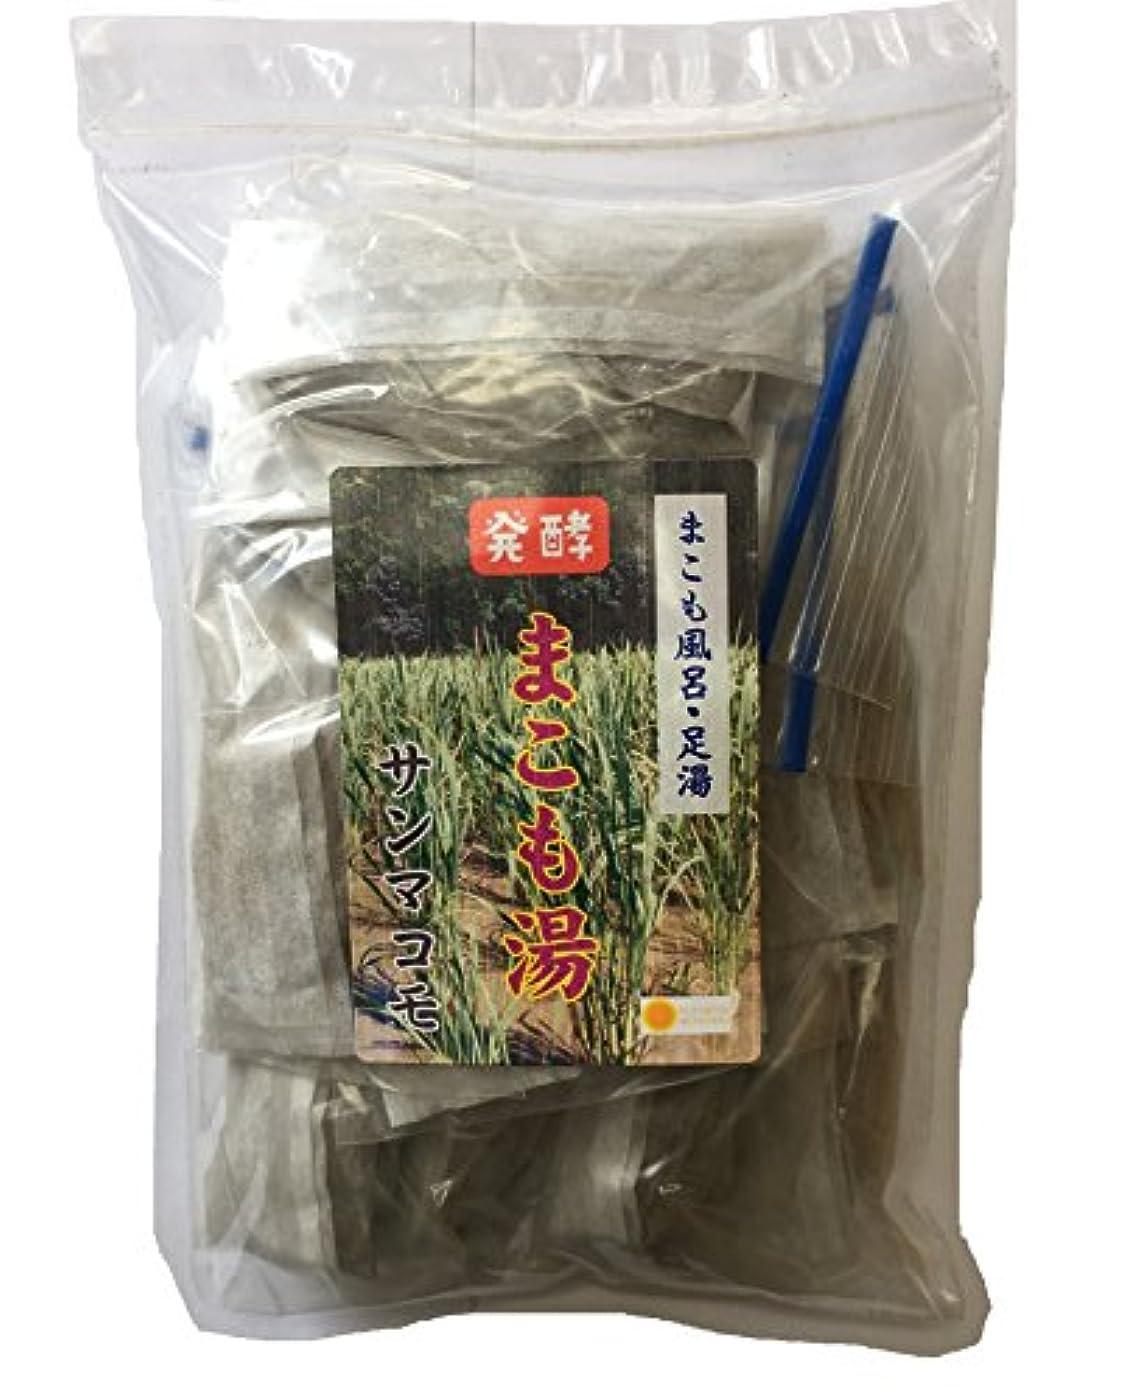 ハーブ防止トリム発酵まこも湯 100g